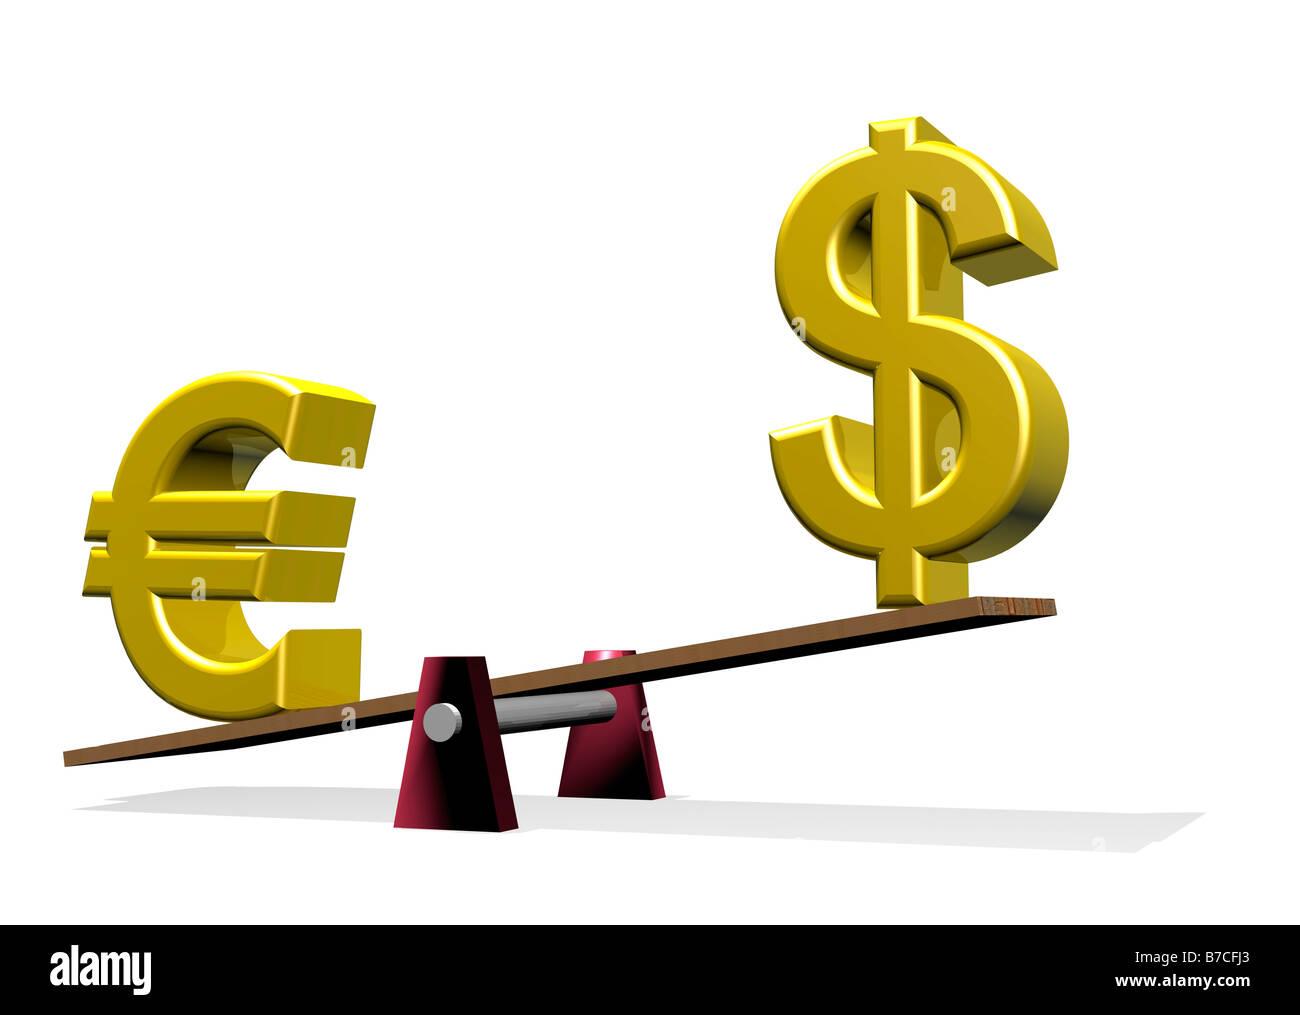 Euro e Dollaro di simboli su vedere visto che mostra debole dollaro 3D render CGI Immagini Stock